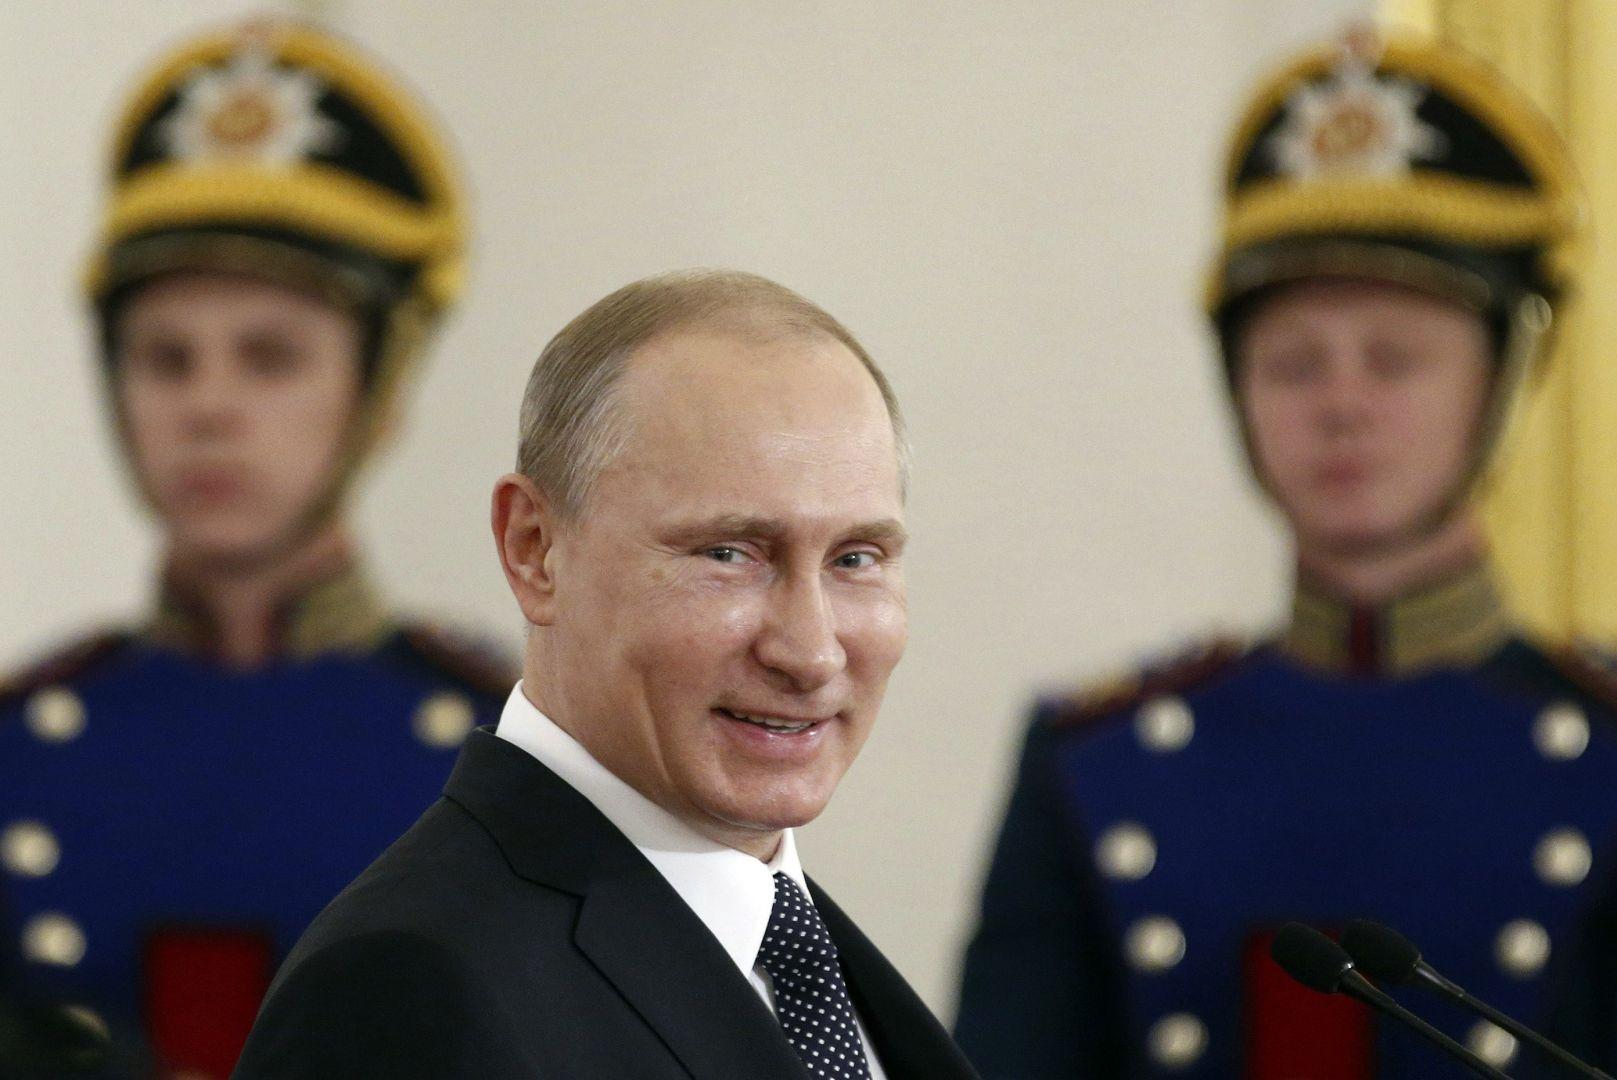 2014-06-18T053434Z_1_LYNXMPEA5H06W_RTROPTP_4_RUSSIA